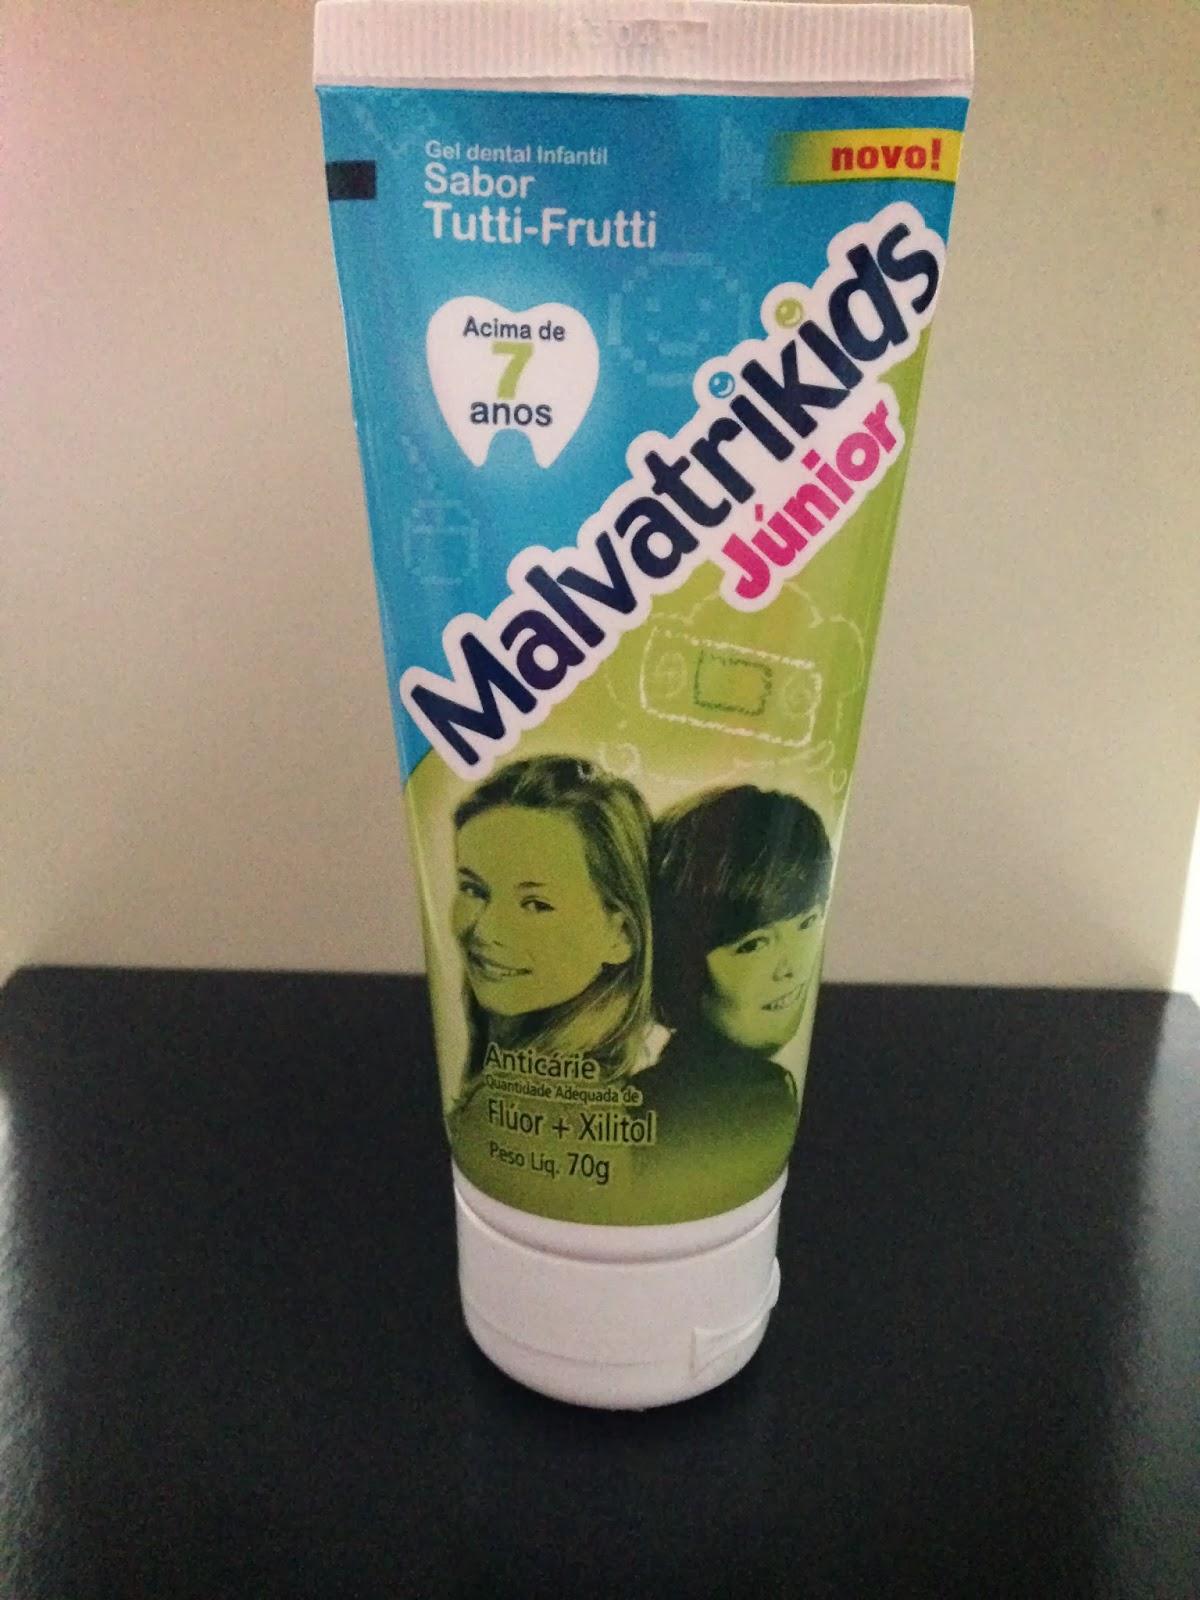 laboratório daudt malvatrikids júnior gel dental infantil de acima de sete anos